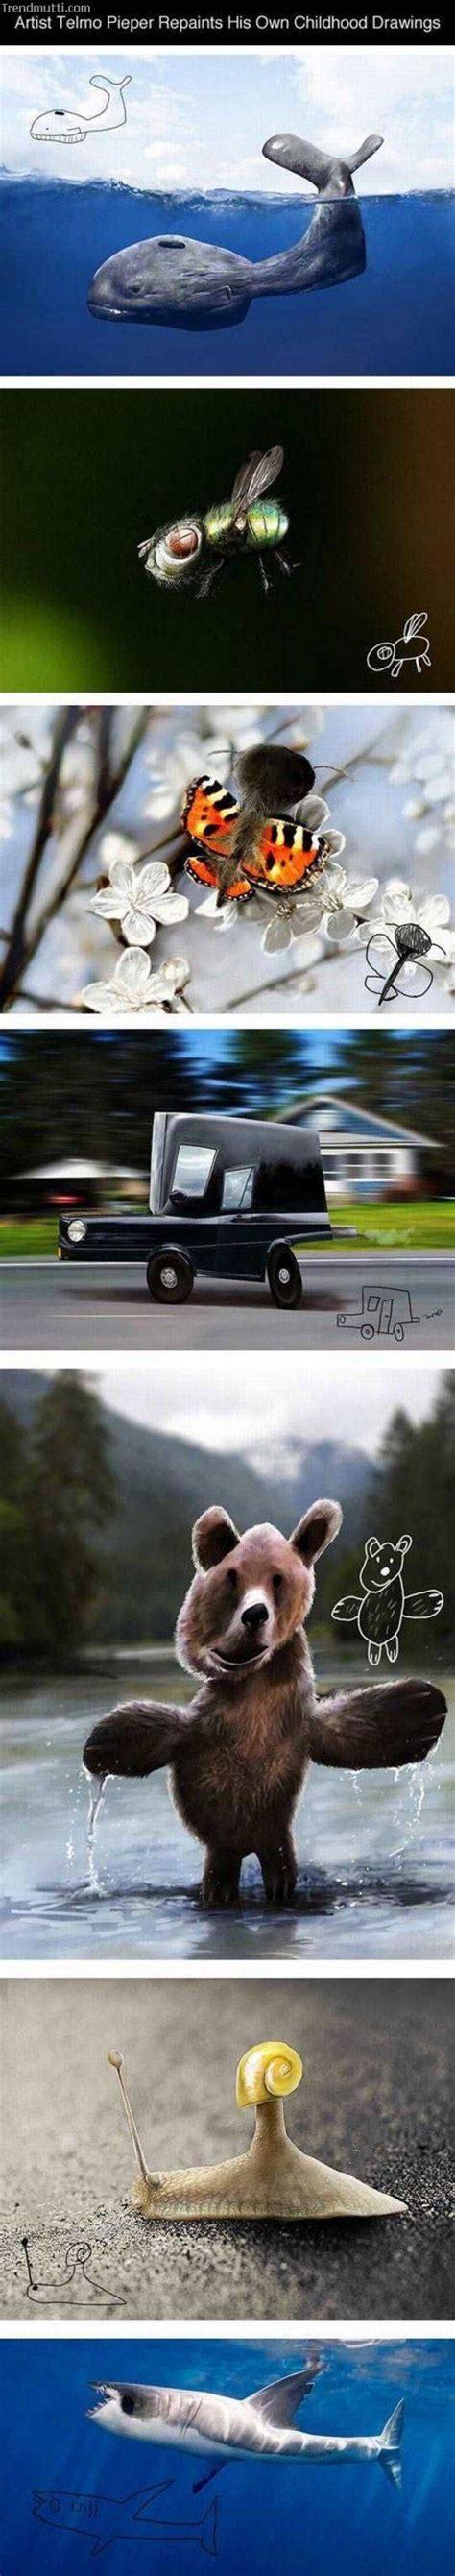 die 25 besten ideen zu lustiges auto meme auf